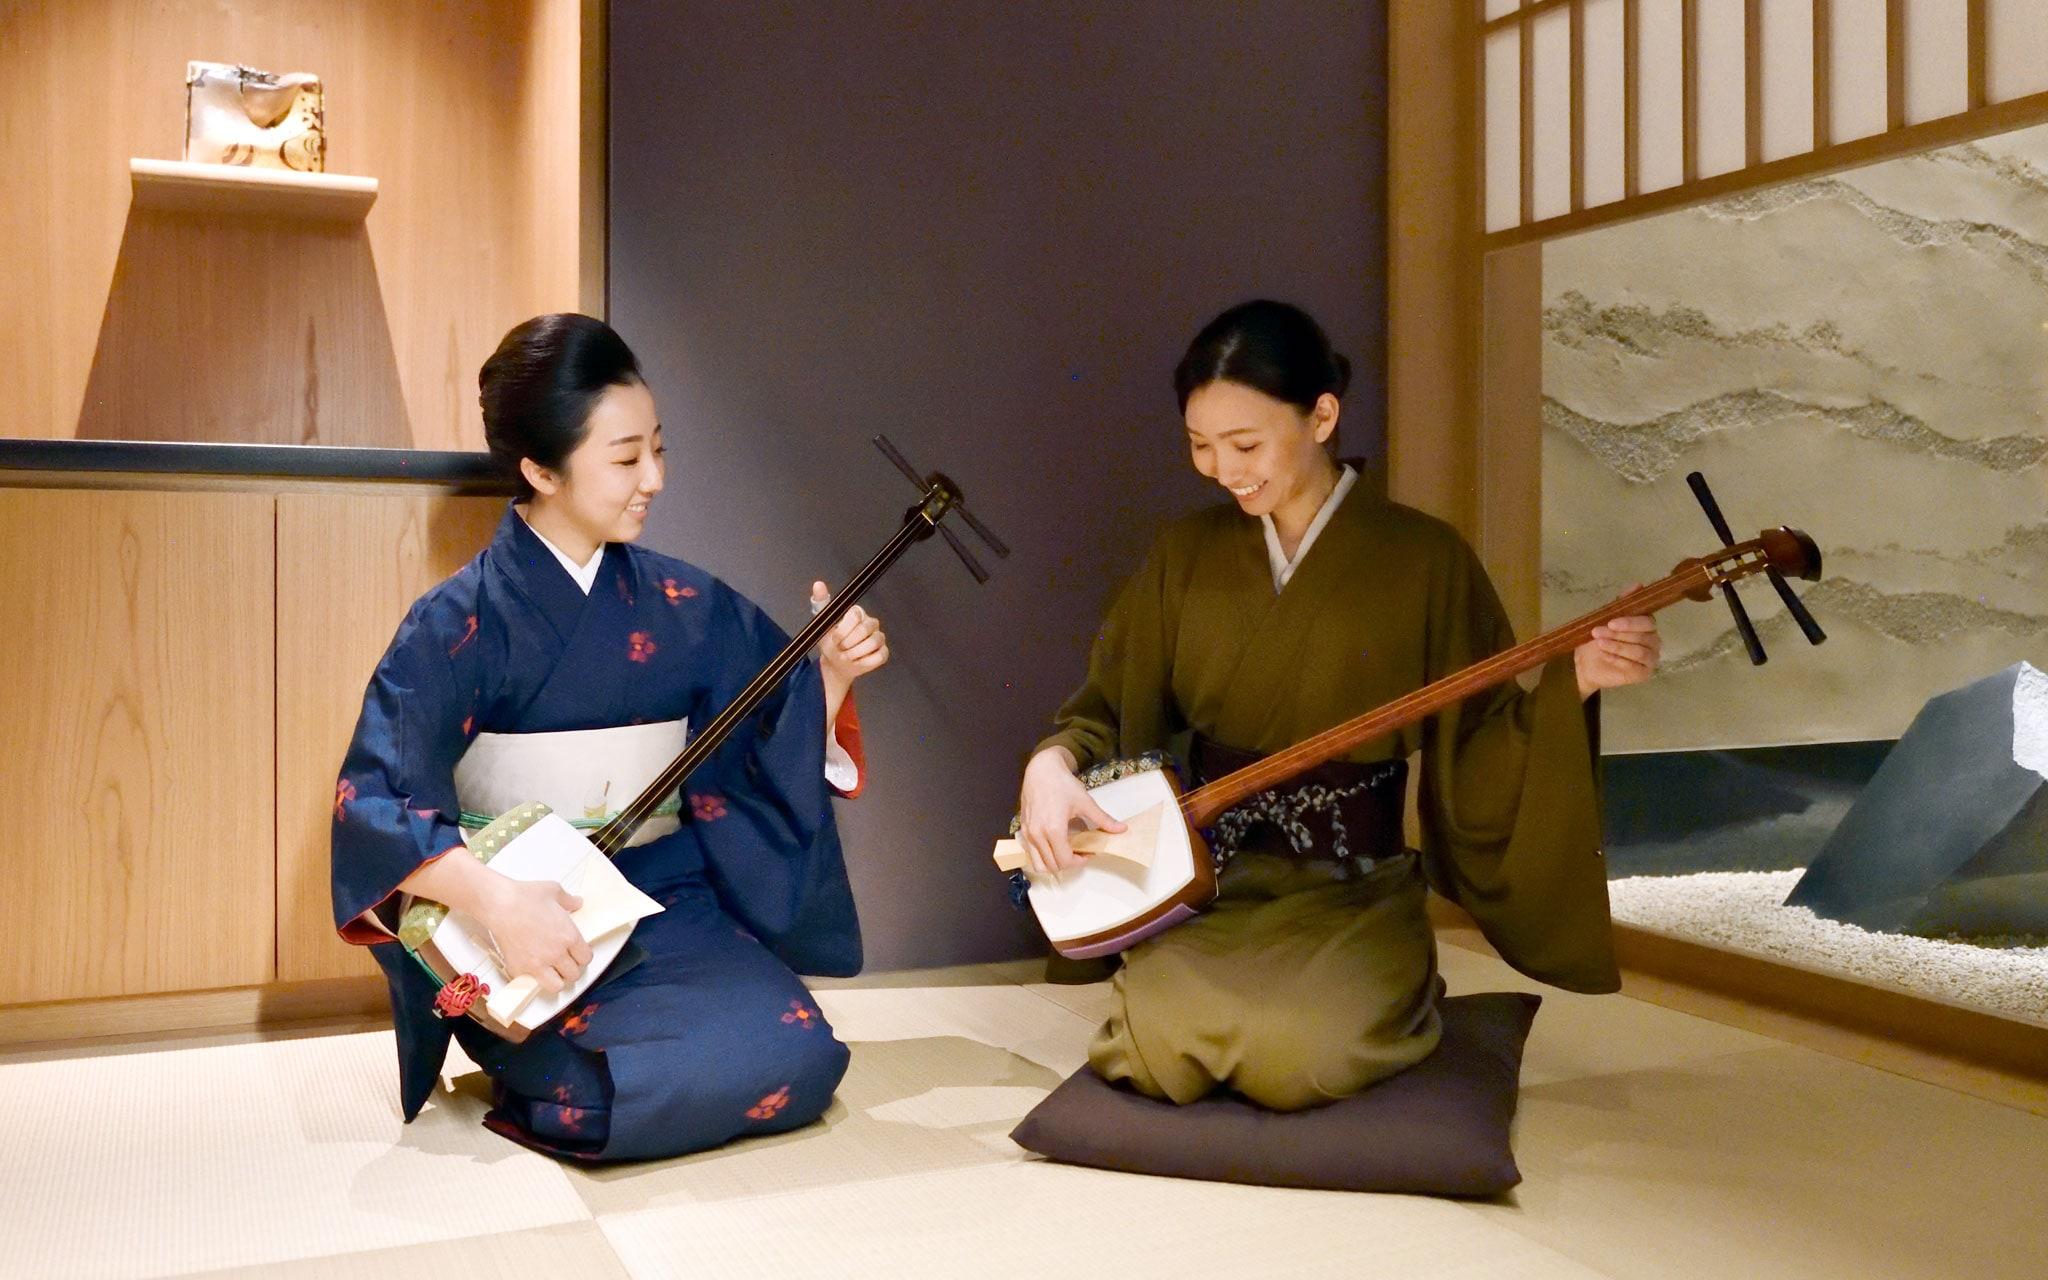 星のや東京[大手町]「江戸美人滞在」で心身を磨く